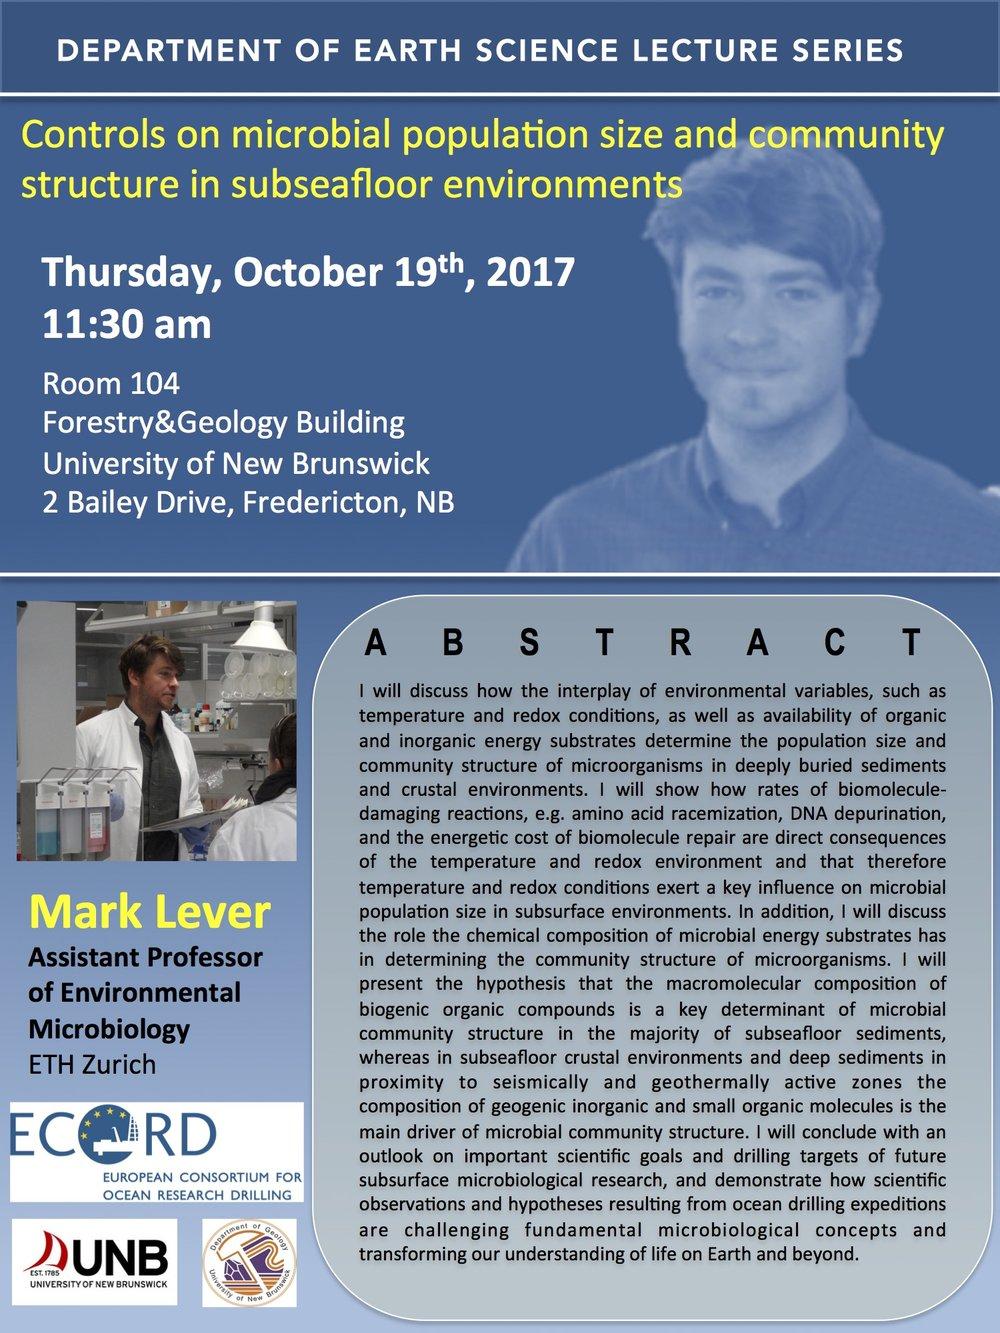 Mark Lever Oct 19 2017.jpg